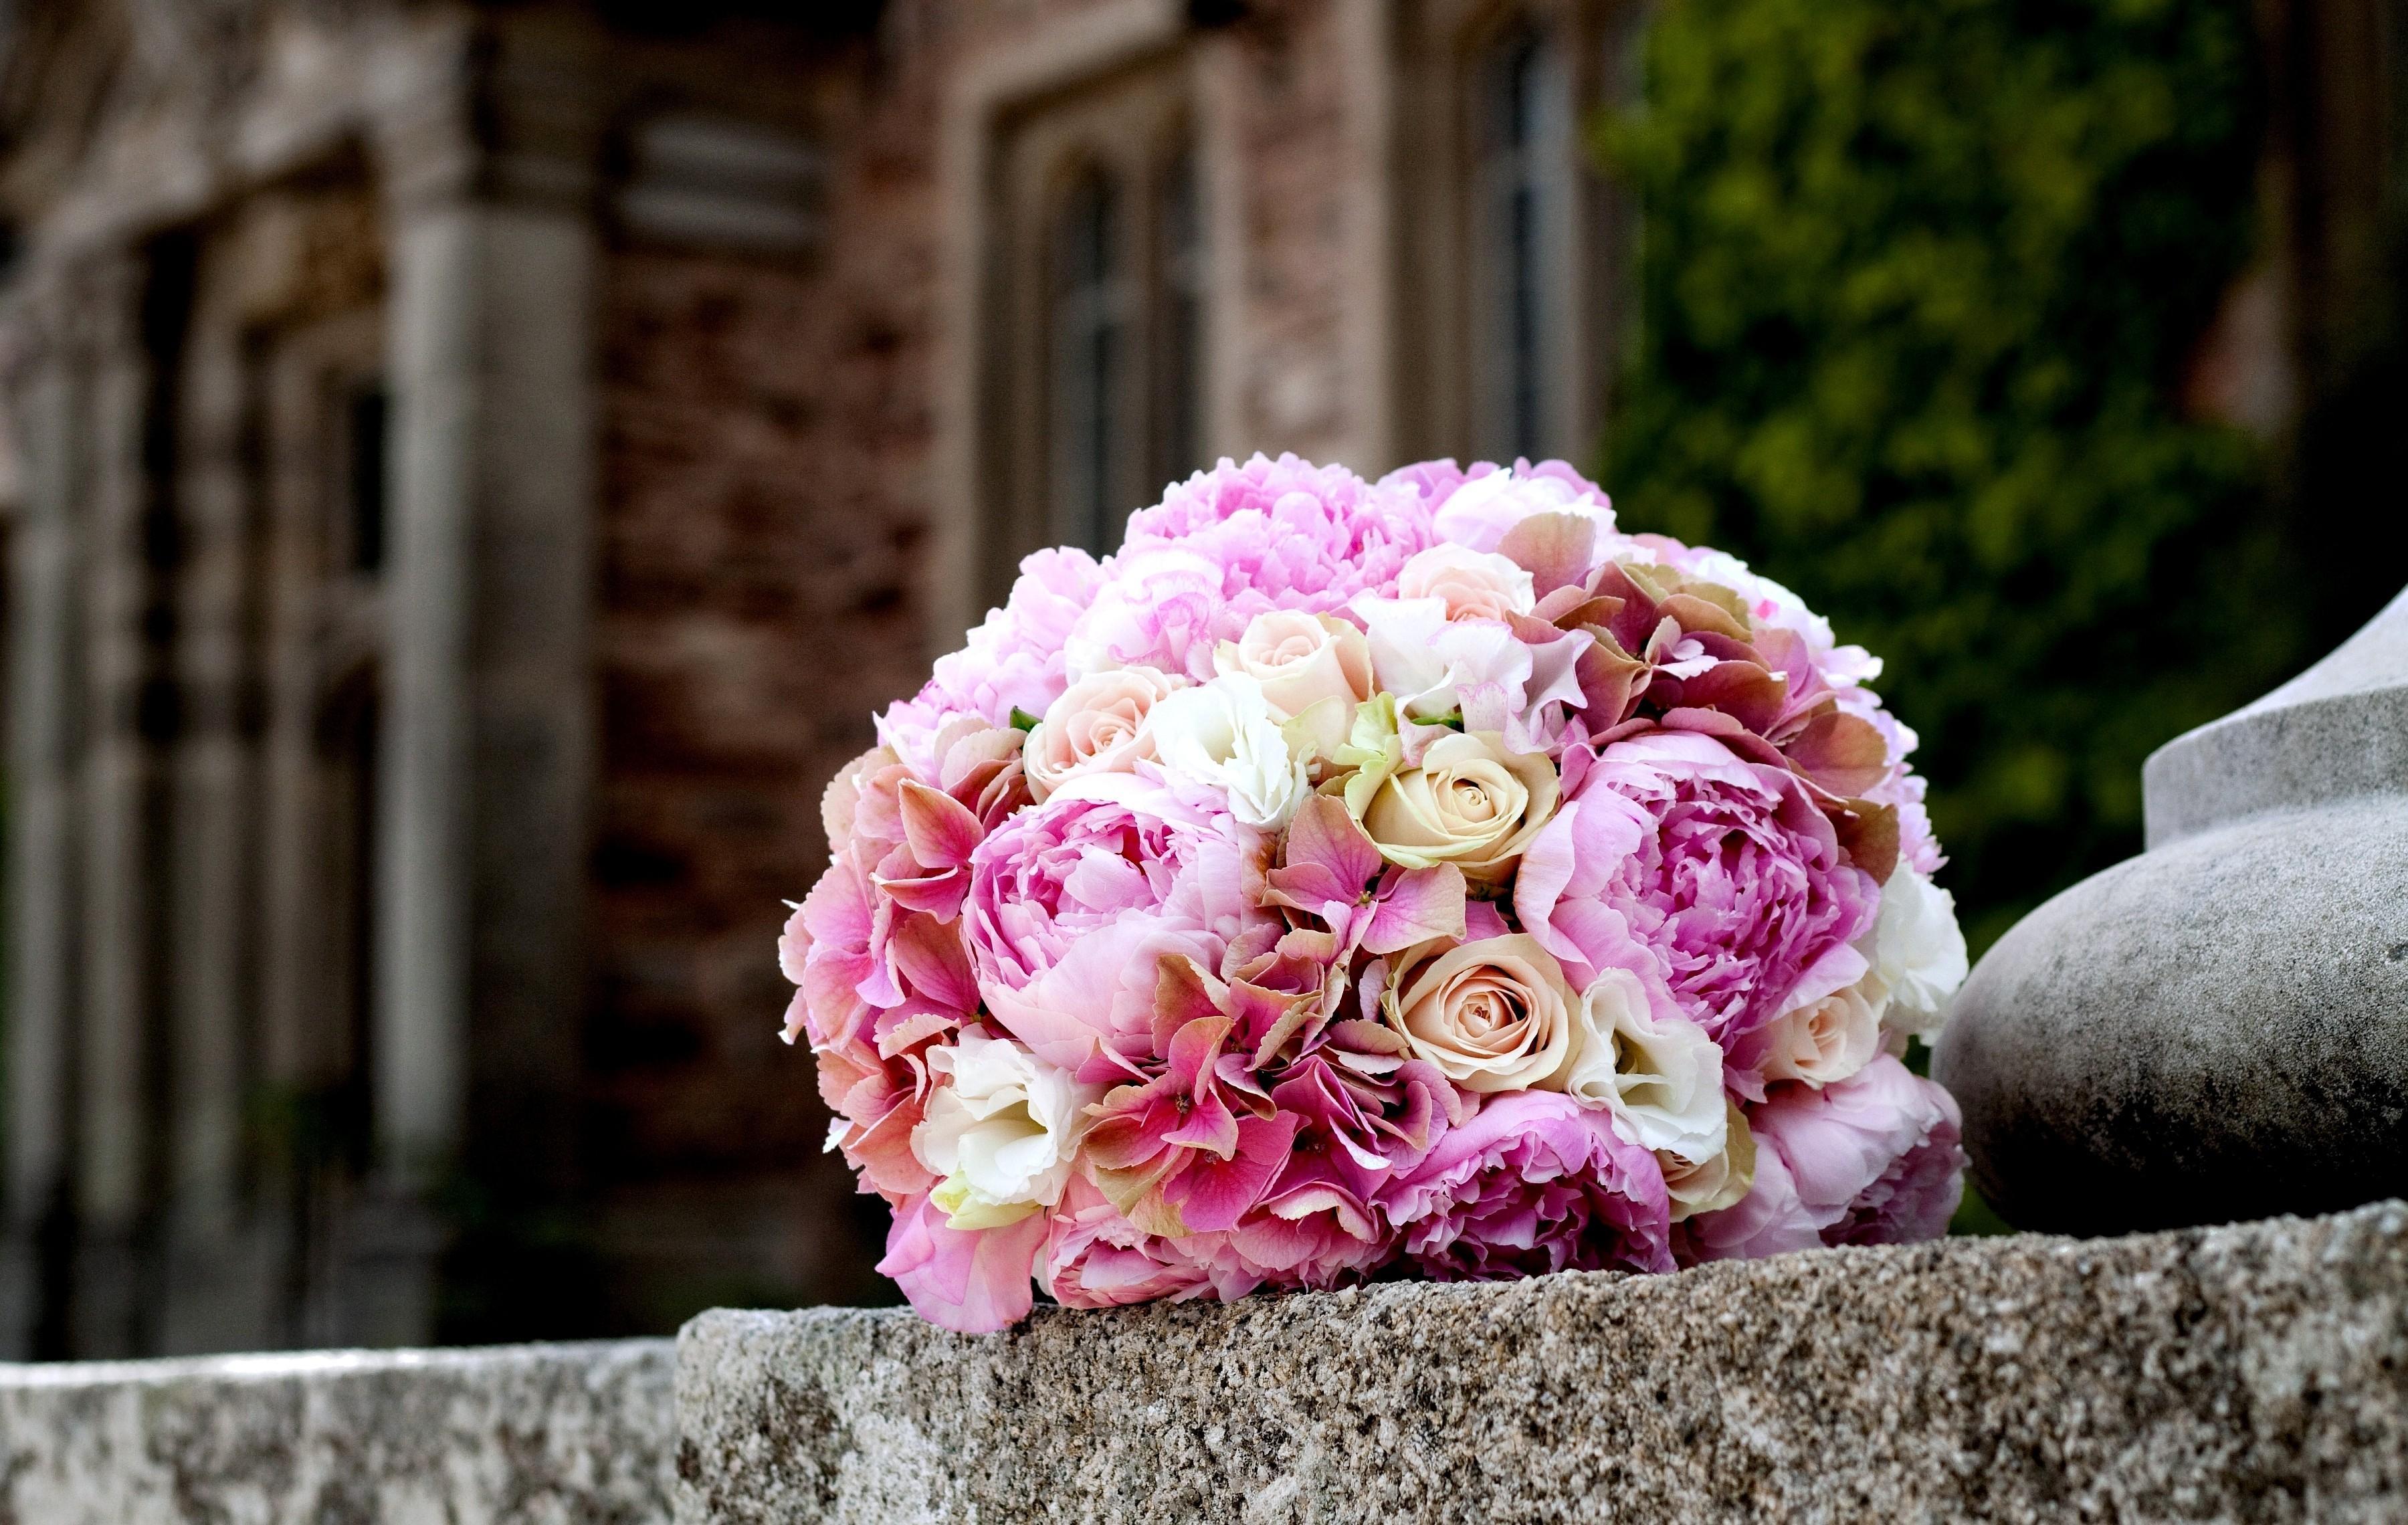 120054 скачать обои Розы, Пионы, Цветы, Букет, Шар, Нежность, Мрамор - заставки и картинки бесплатно